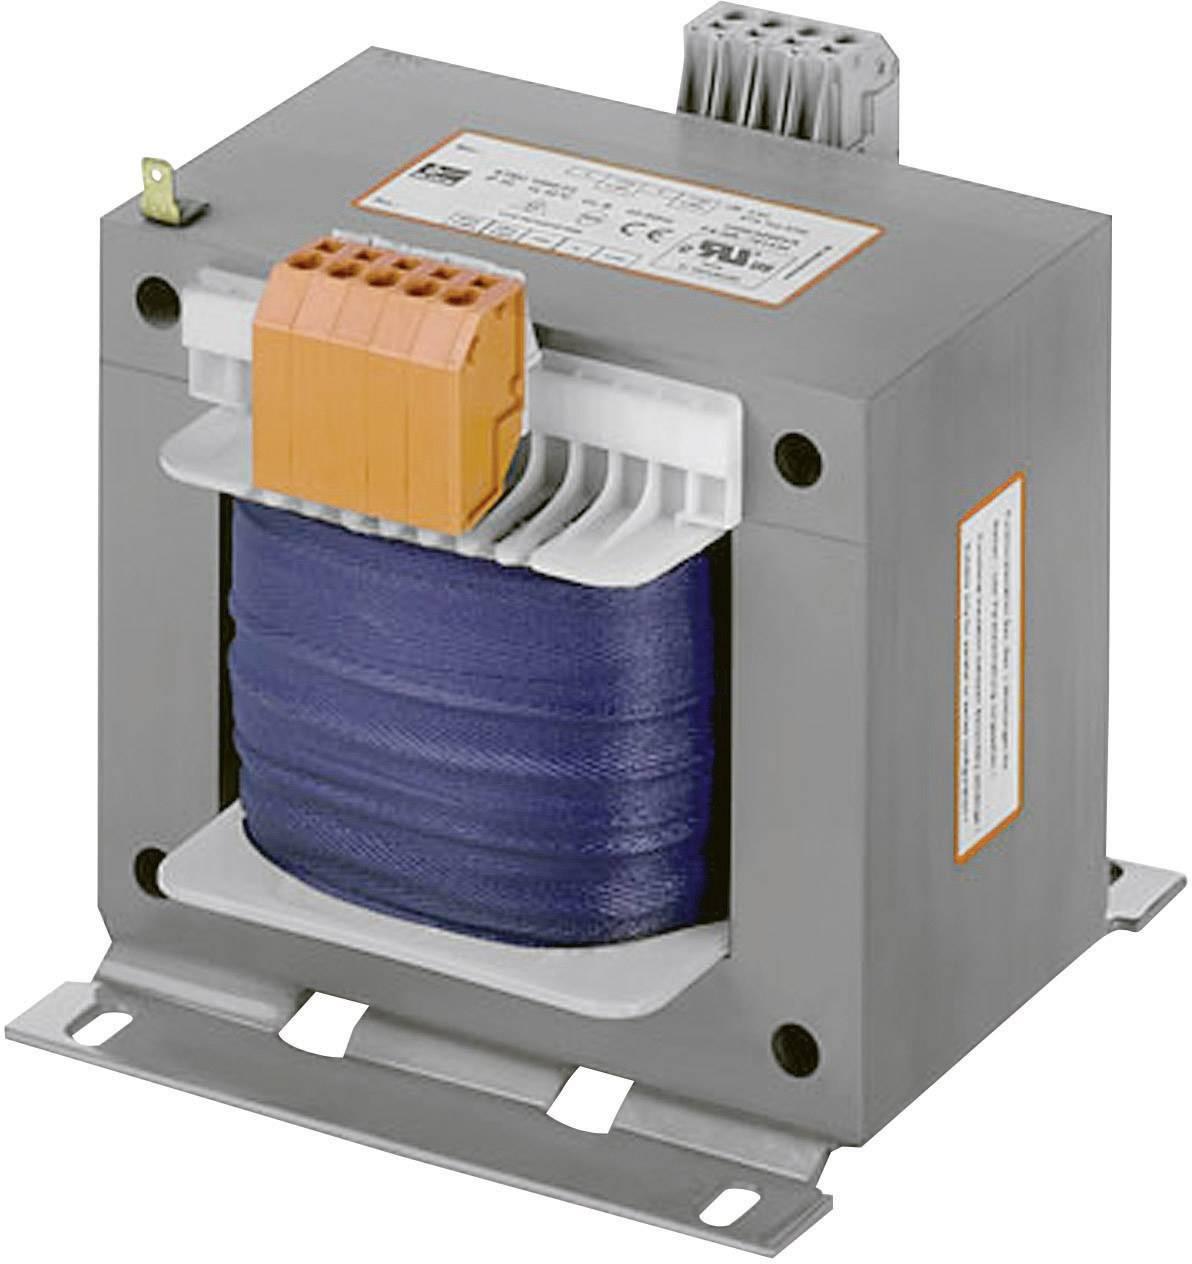 Bezpečnostný transformátor, riadiaci transformátor, izolačný transformátor Block STEU 160/48, 160 VA